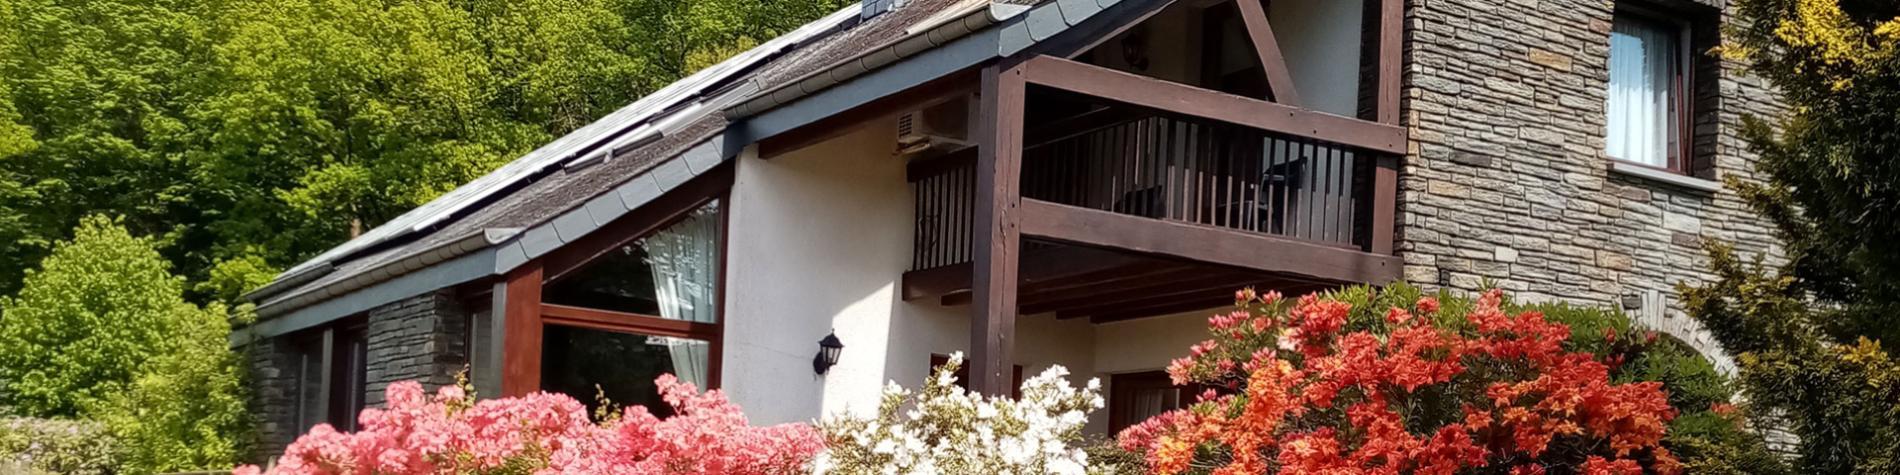 Les Hespérides - Maison d'hôtes - Herbeumont - villa moderne - Parking - Petit déjeuner